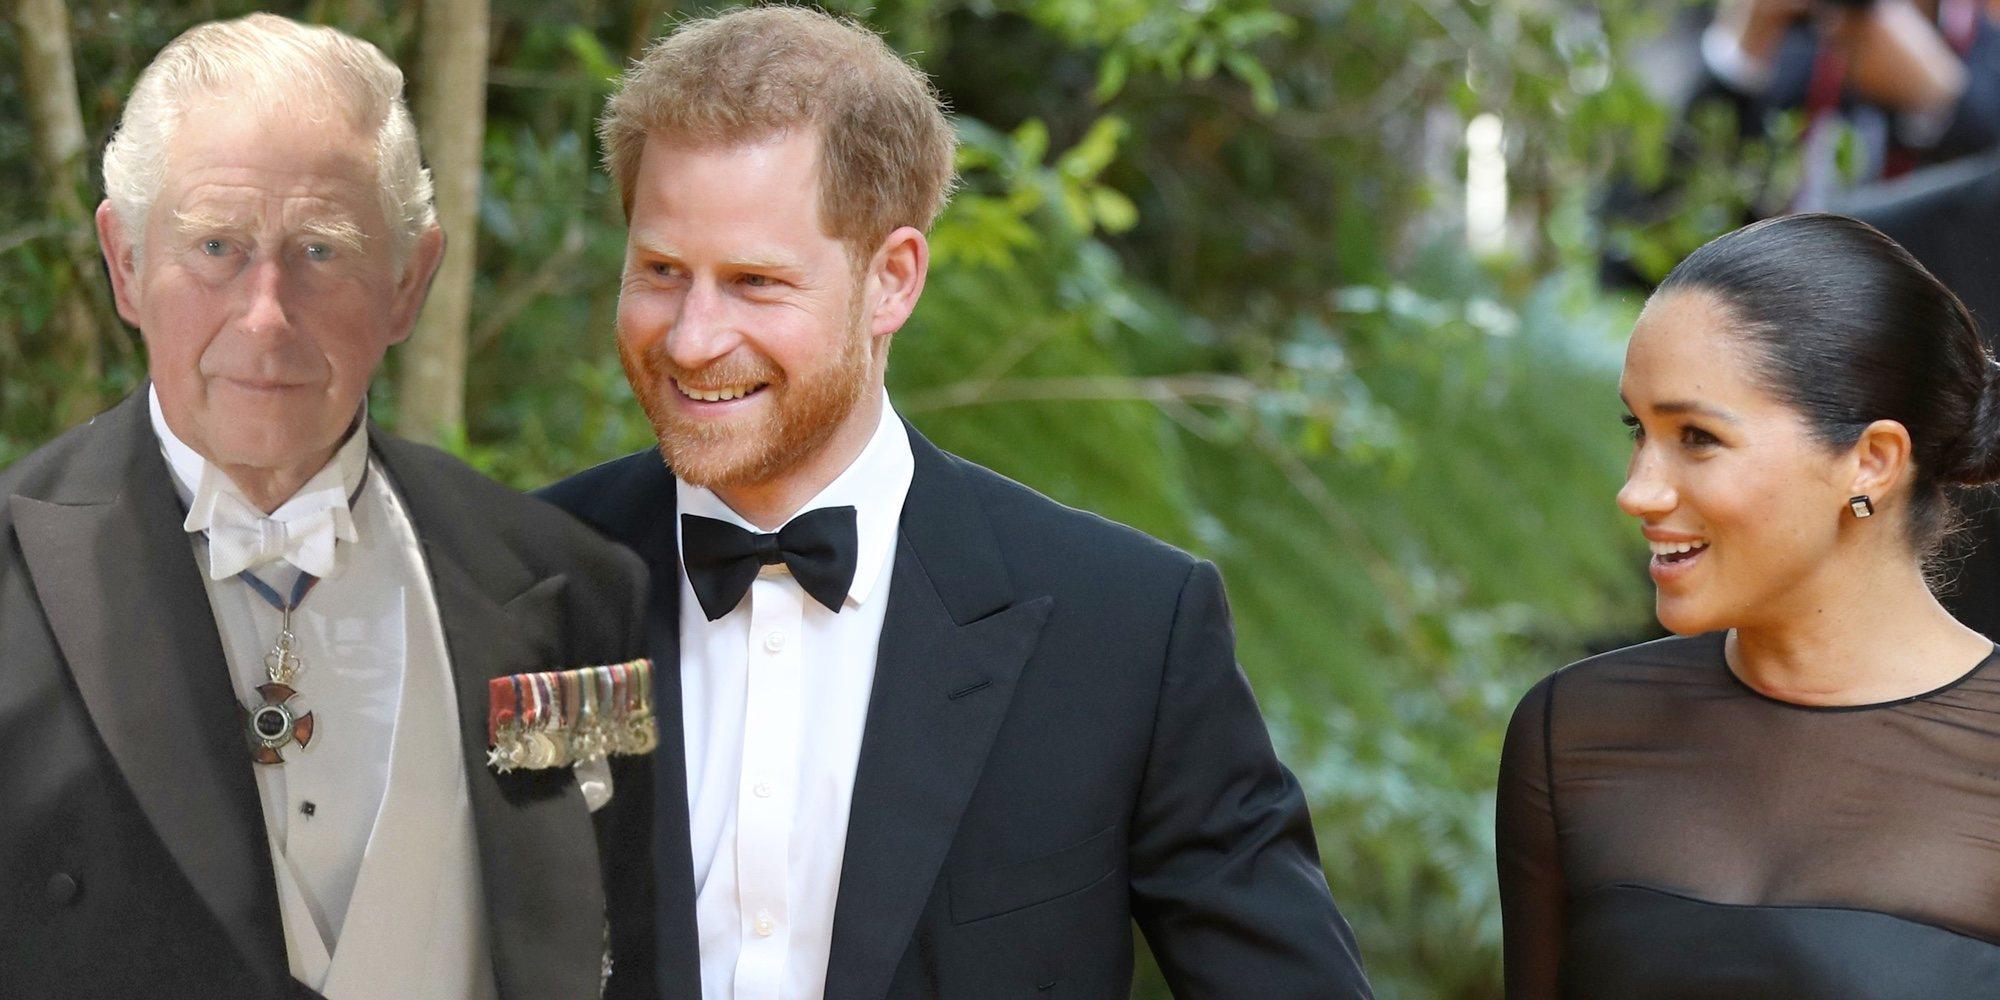 El Príncipe Carlos amenaza la estabilidad financiera del Príncipe Harry y Meghan Markle